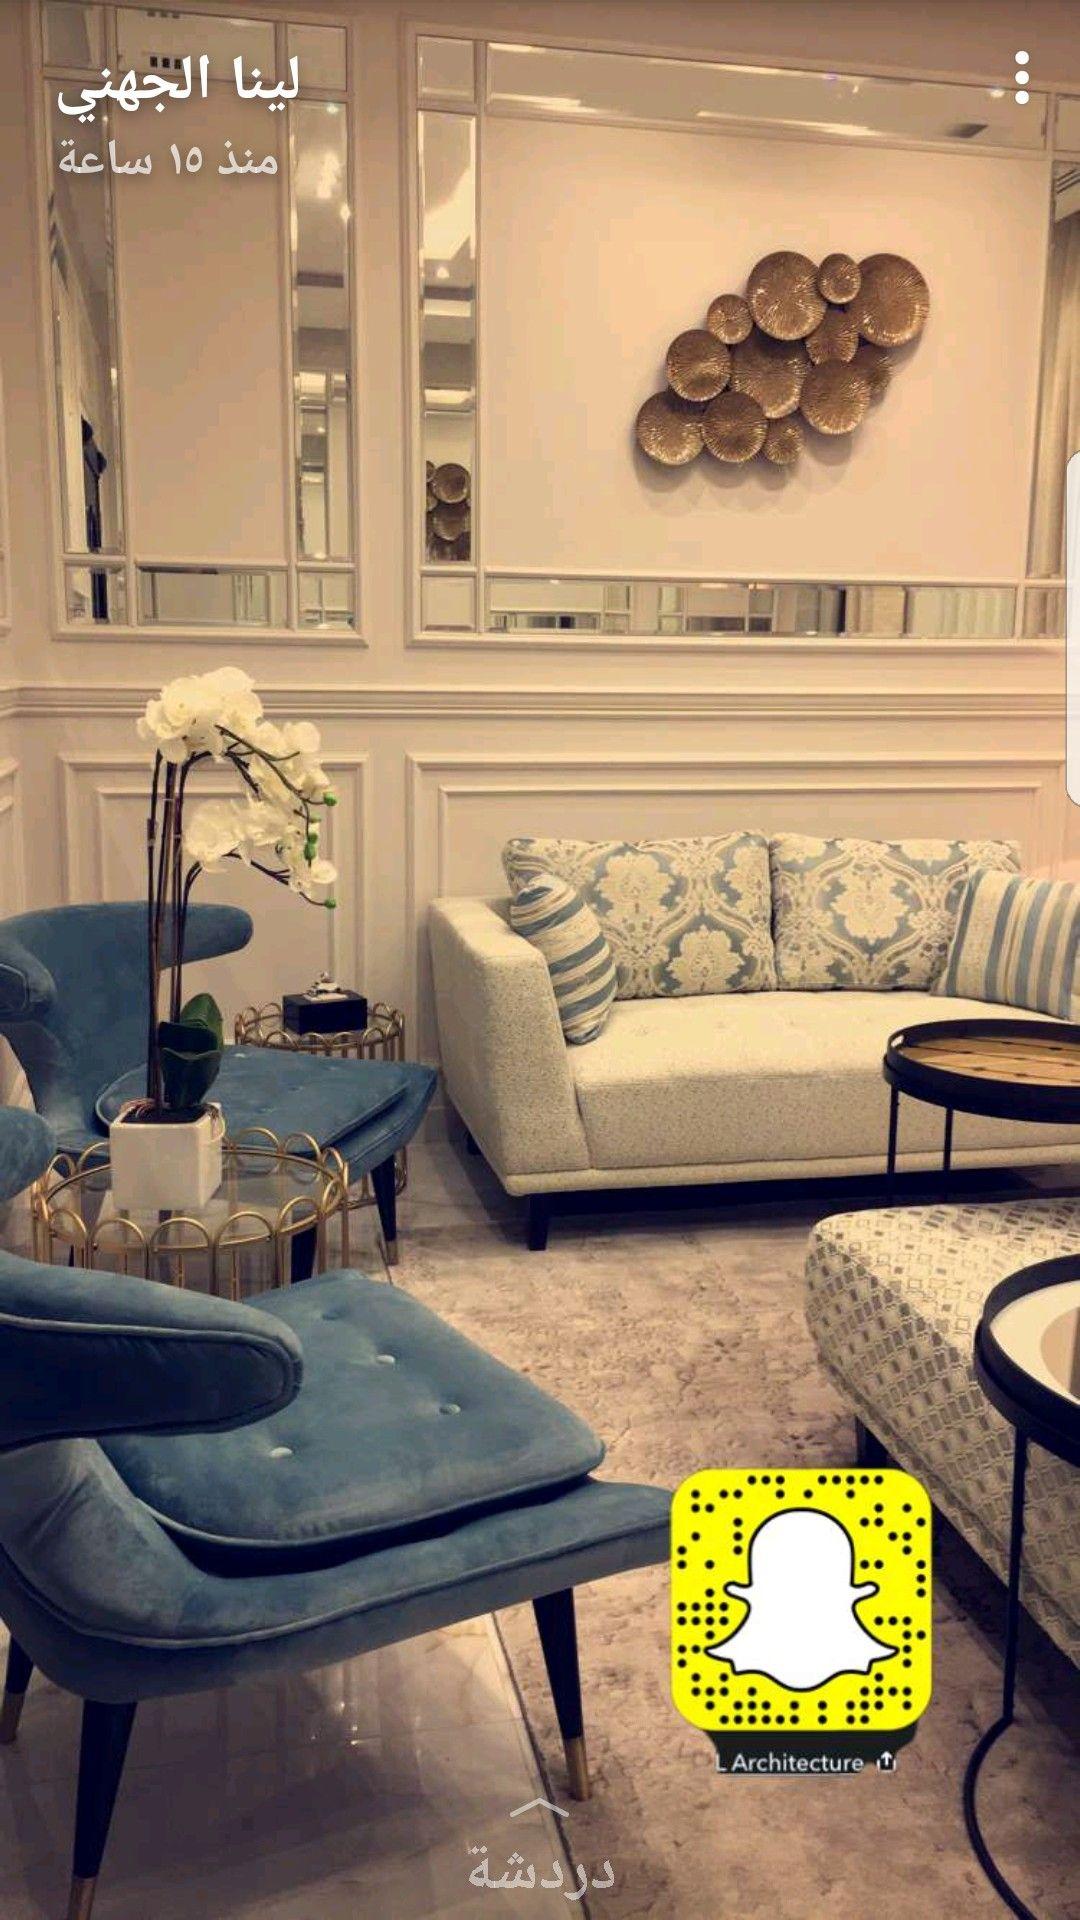 Pin By Ewa Or On اثاث Living Room Design Decor Home Room Design Home Interior Design